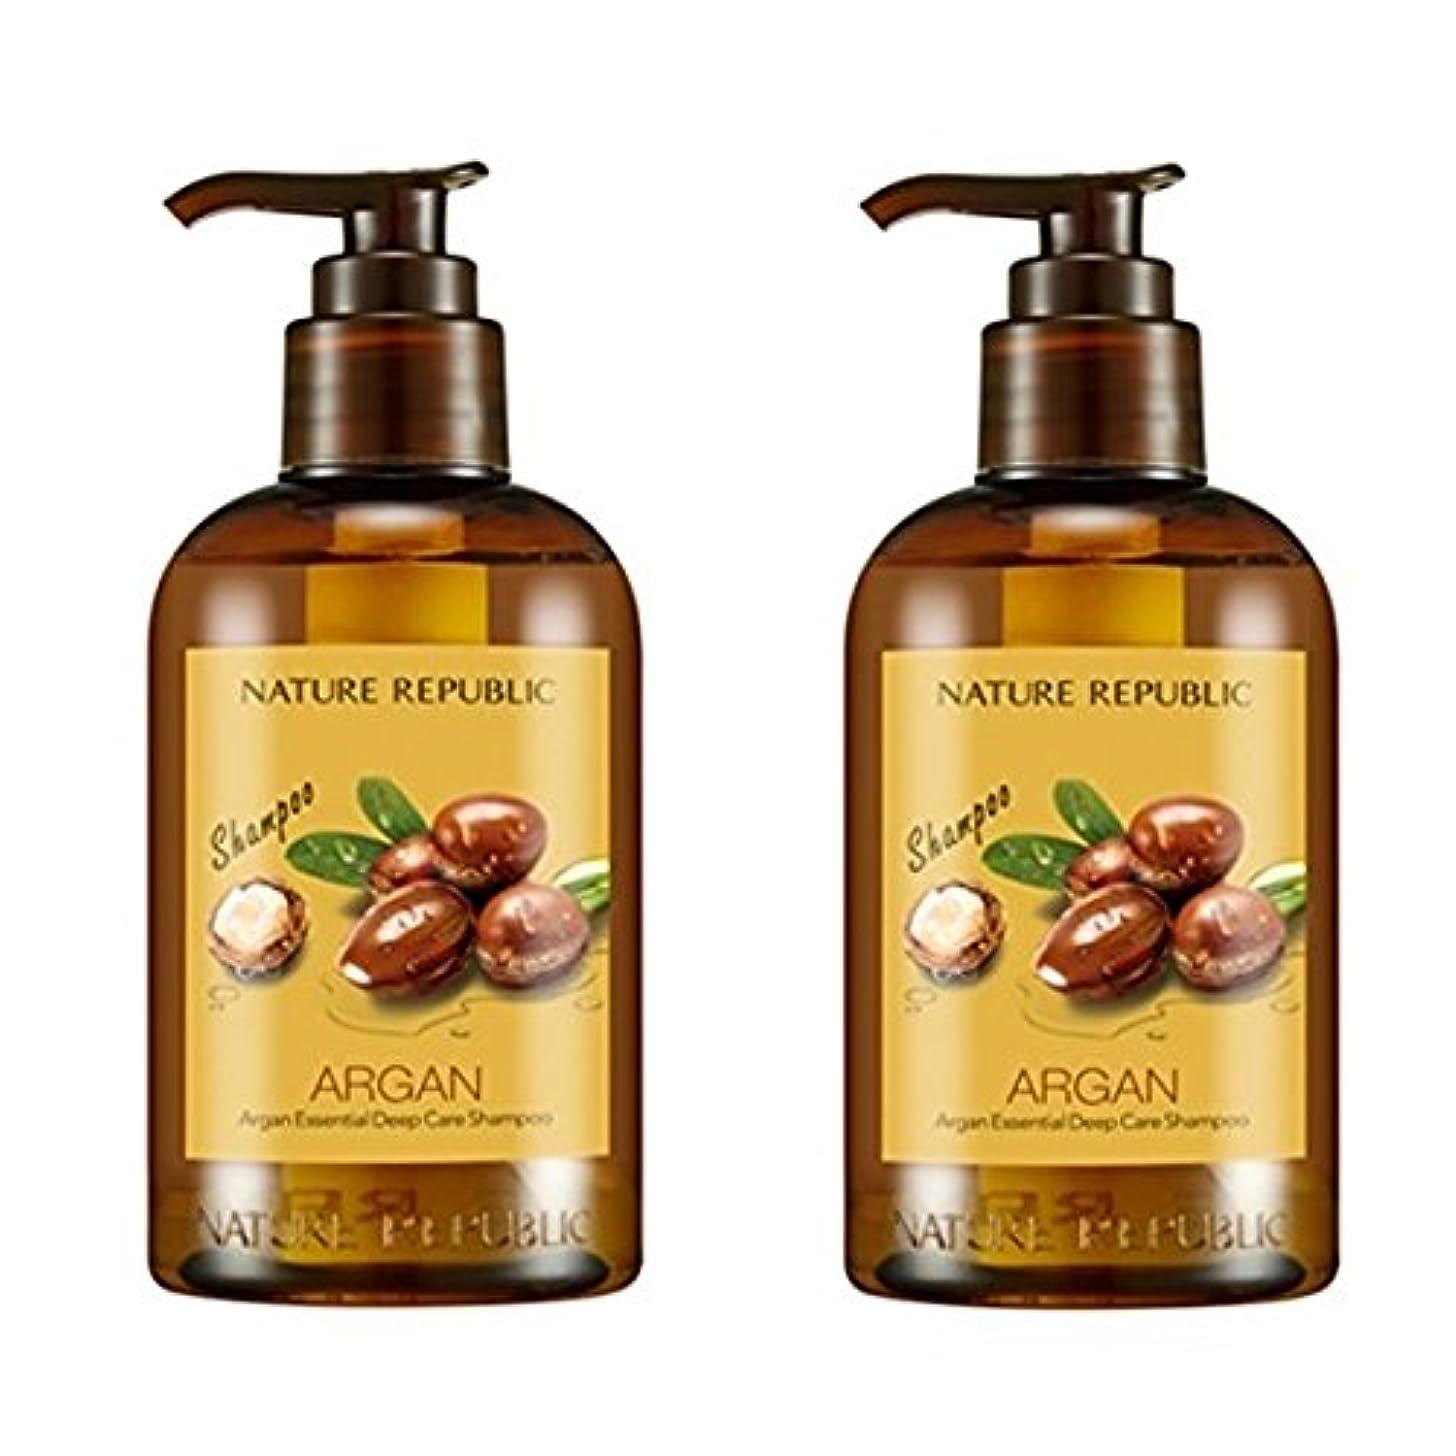 個人的にアーティファクトショートカットネイチャーリパブリック(NATURE REPUBLIC) アルガン エッセンシャル ディープ ケア シャンプー x 2本 (Argan Essential Deep Care Shampoo x2pcs Set) [並行輸入品]